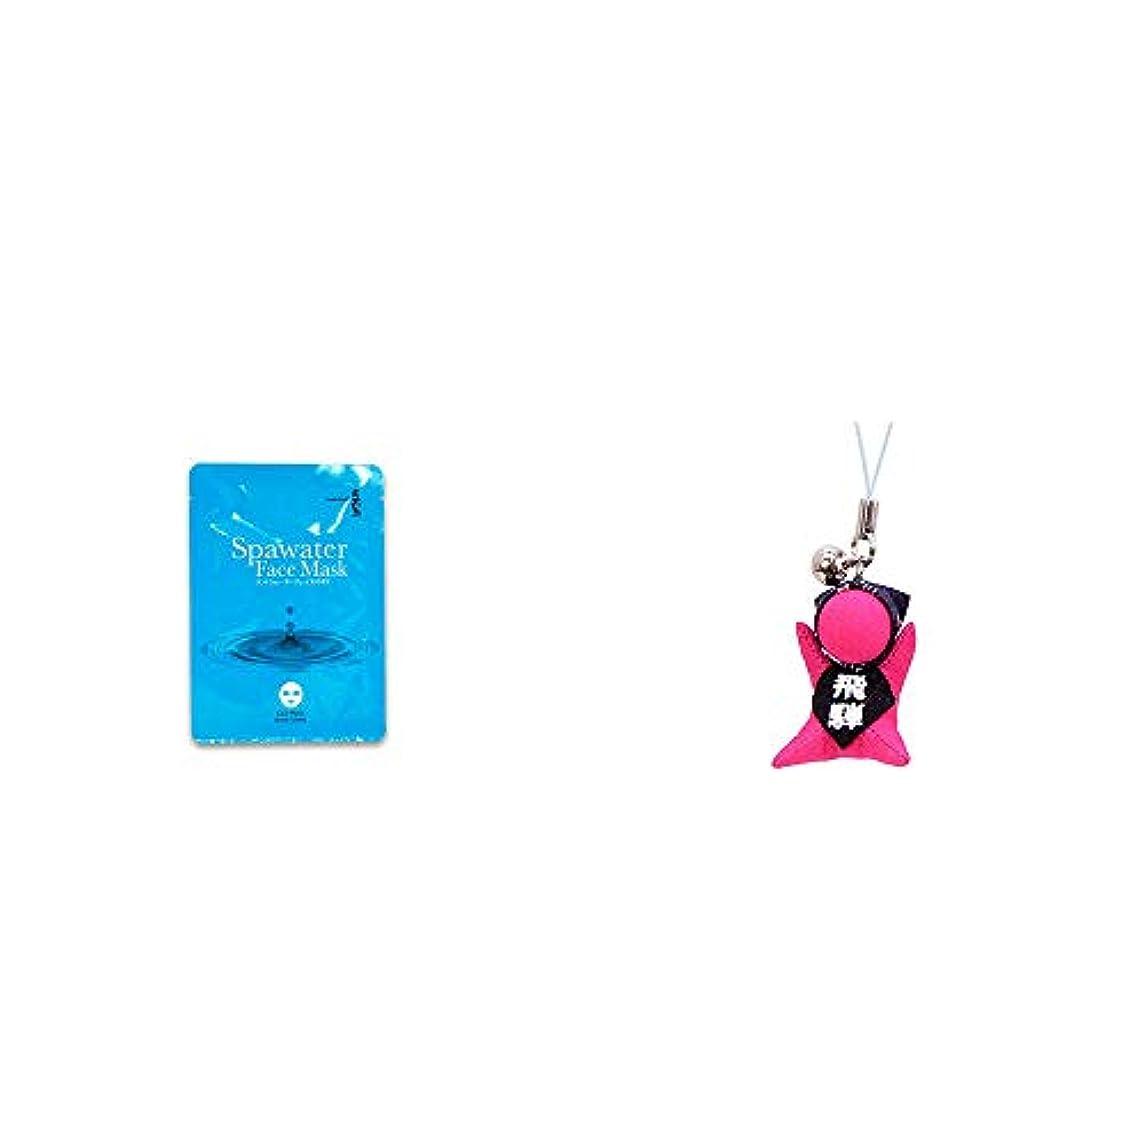 [2点セット] ひのき炭黒泉 スパウォーターフェイスマスク(18ml×3枚入)?さるぼぼ幸福ストラップ 【ピンク】 / 風水カラー全9種類 縁結び?恋愛(出会い) お守り//